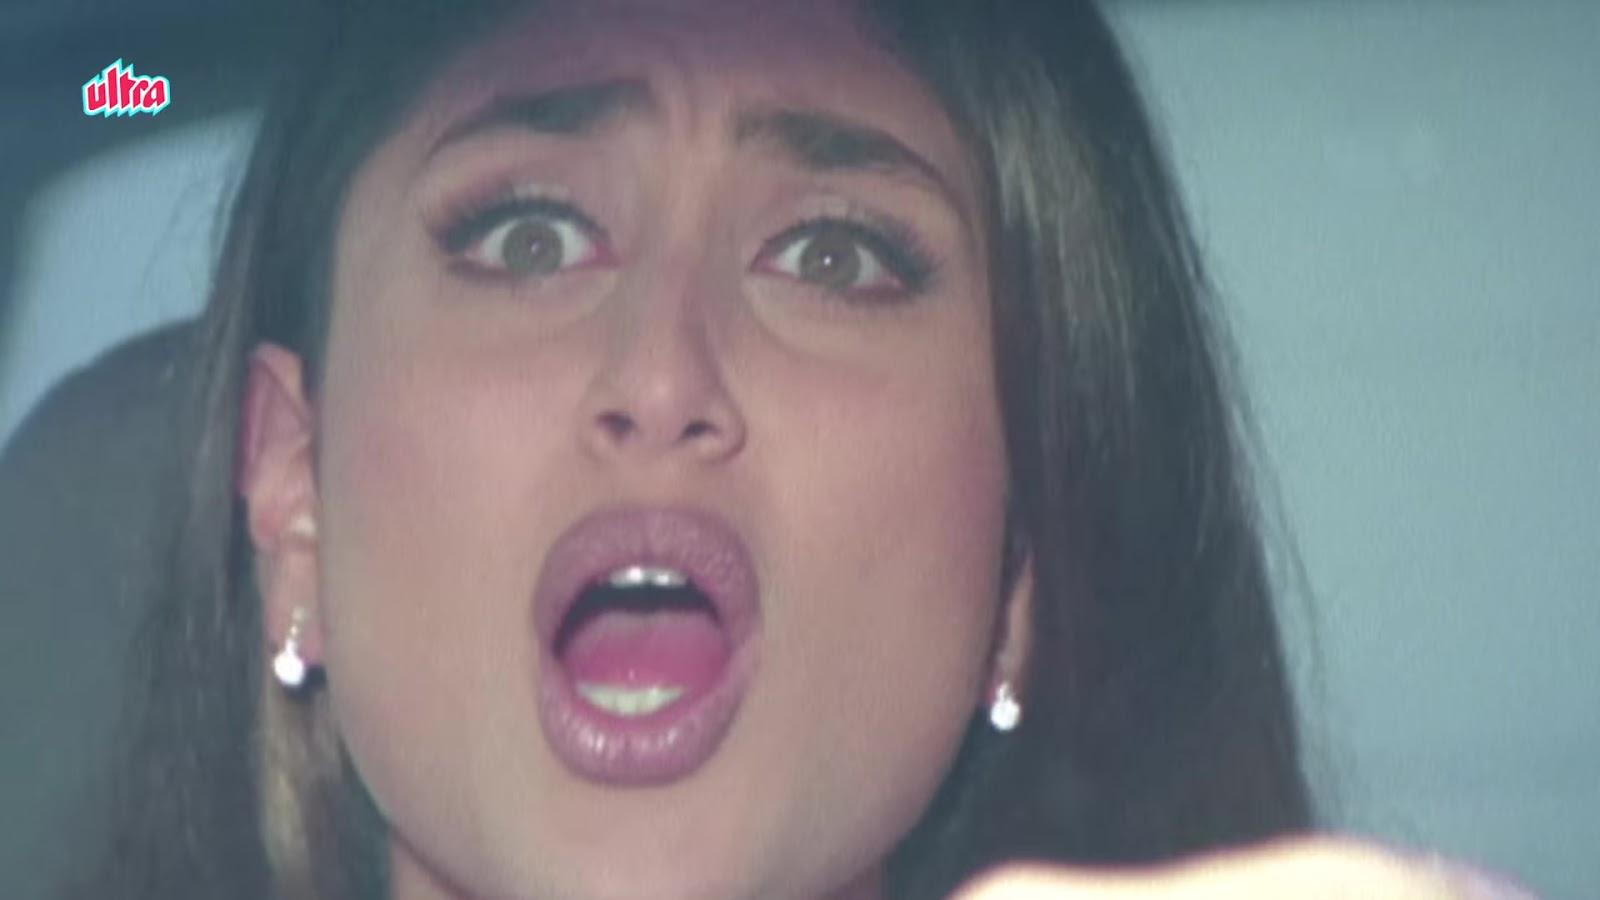 Bollywood Tall Actress Bollywood Actress Kareena Kapoor Hot Facial Expression Tongue Lips Wallpapes Images Photos Pics